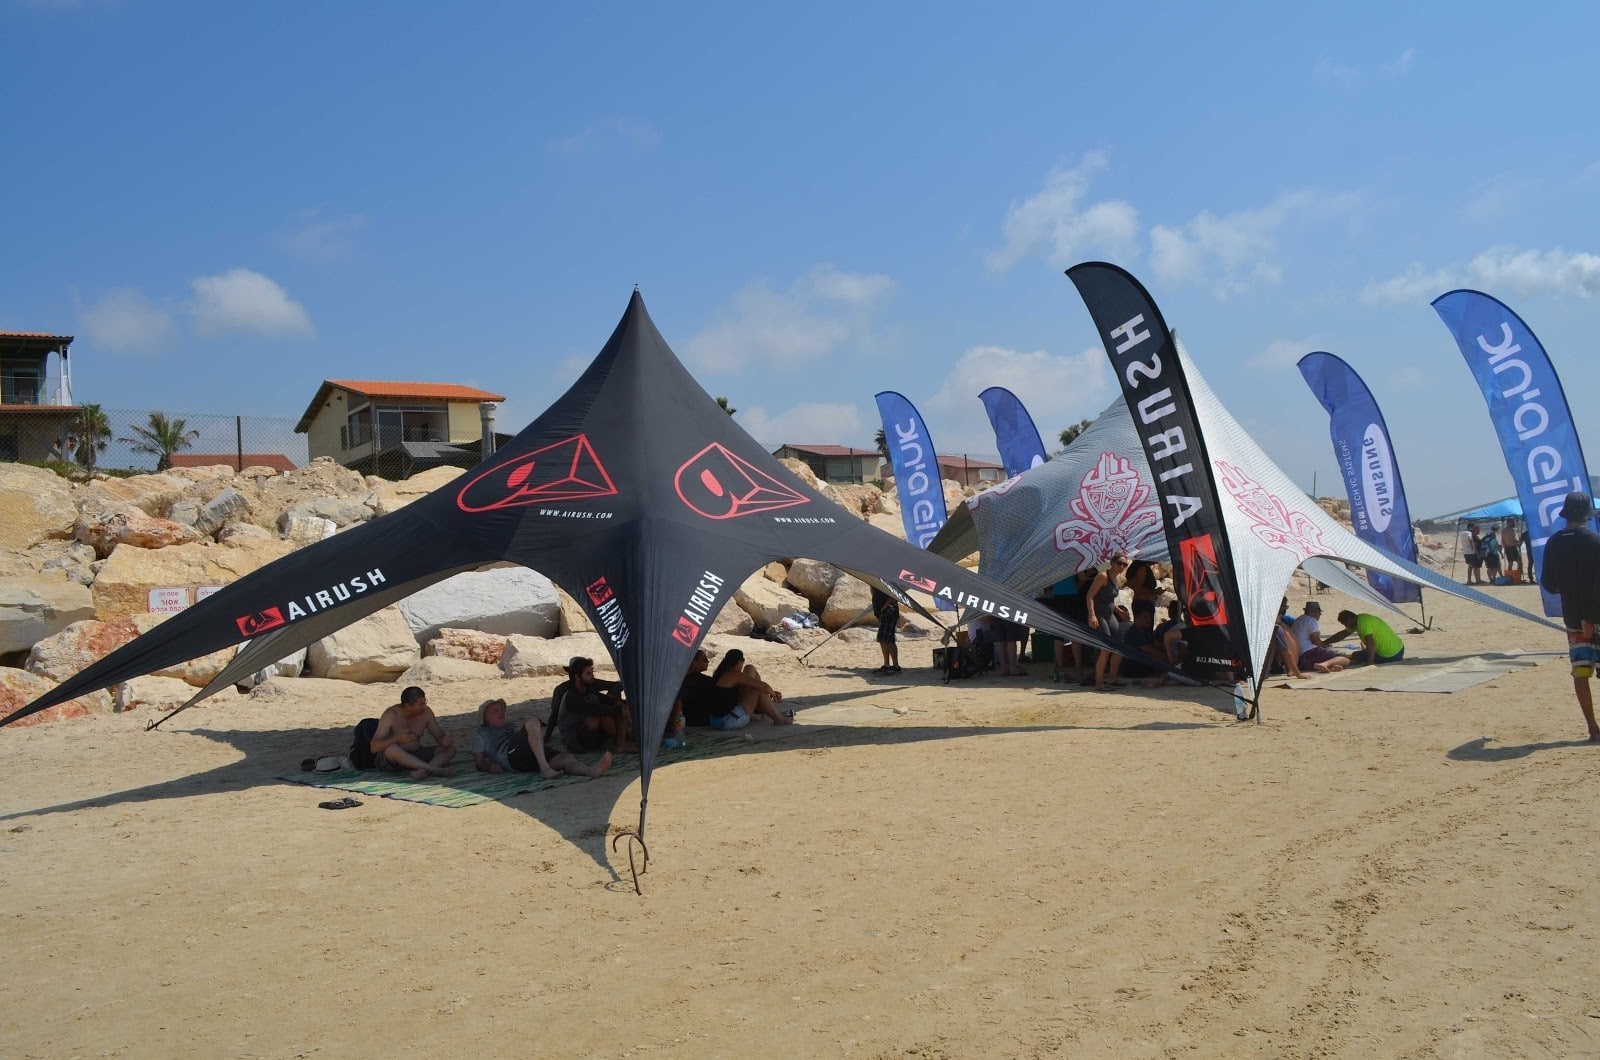 כל מה שצריך לדעת על אירוע בחוף הים